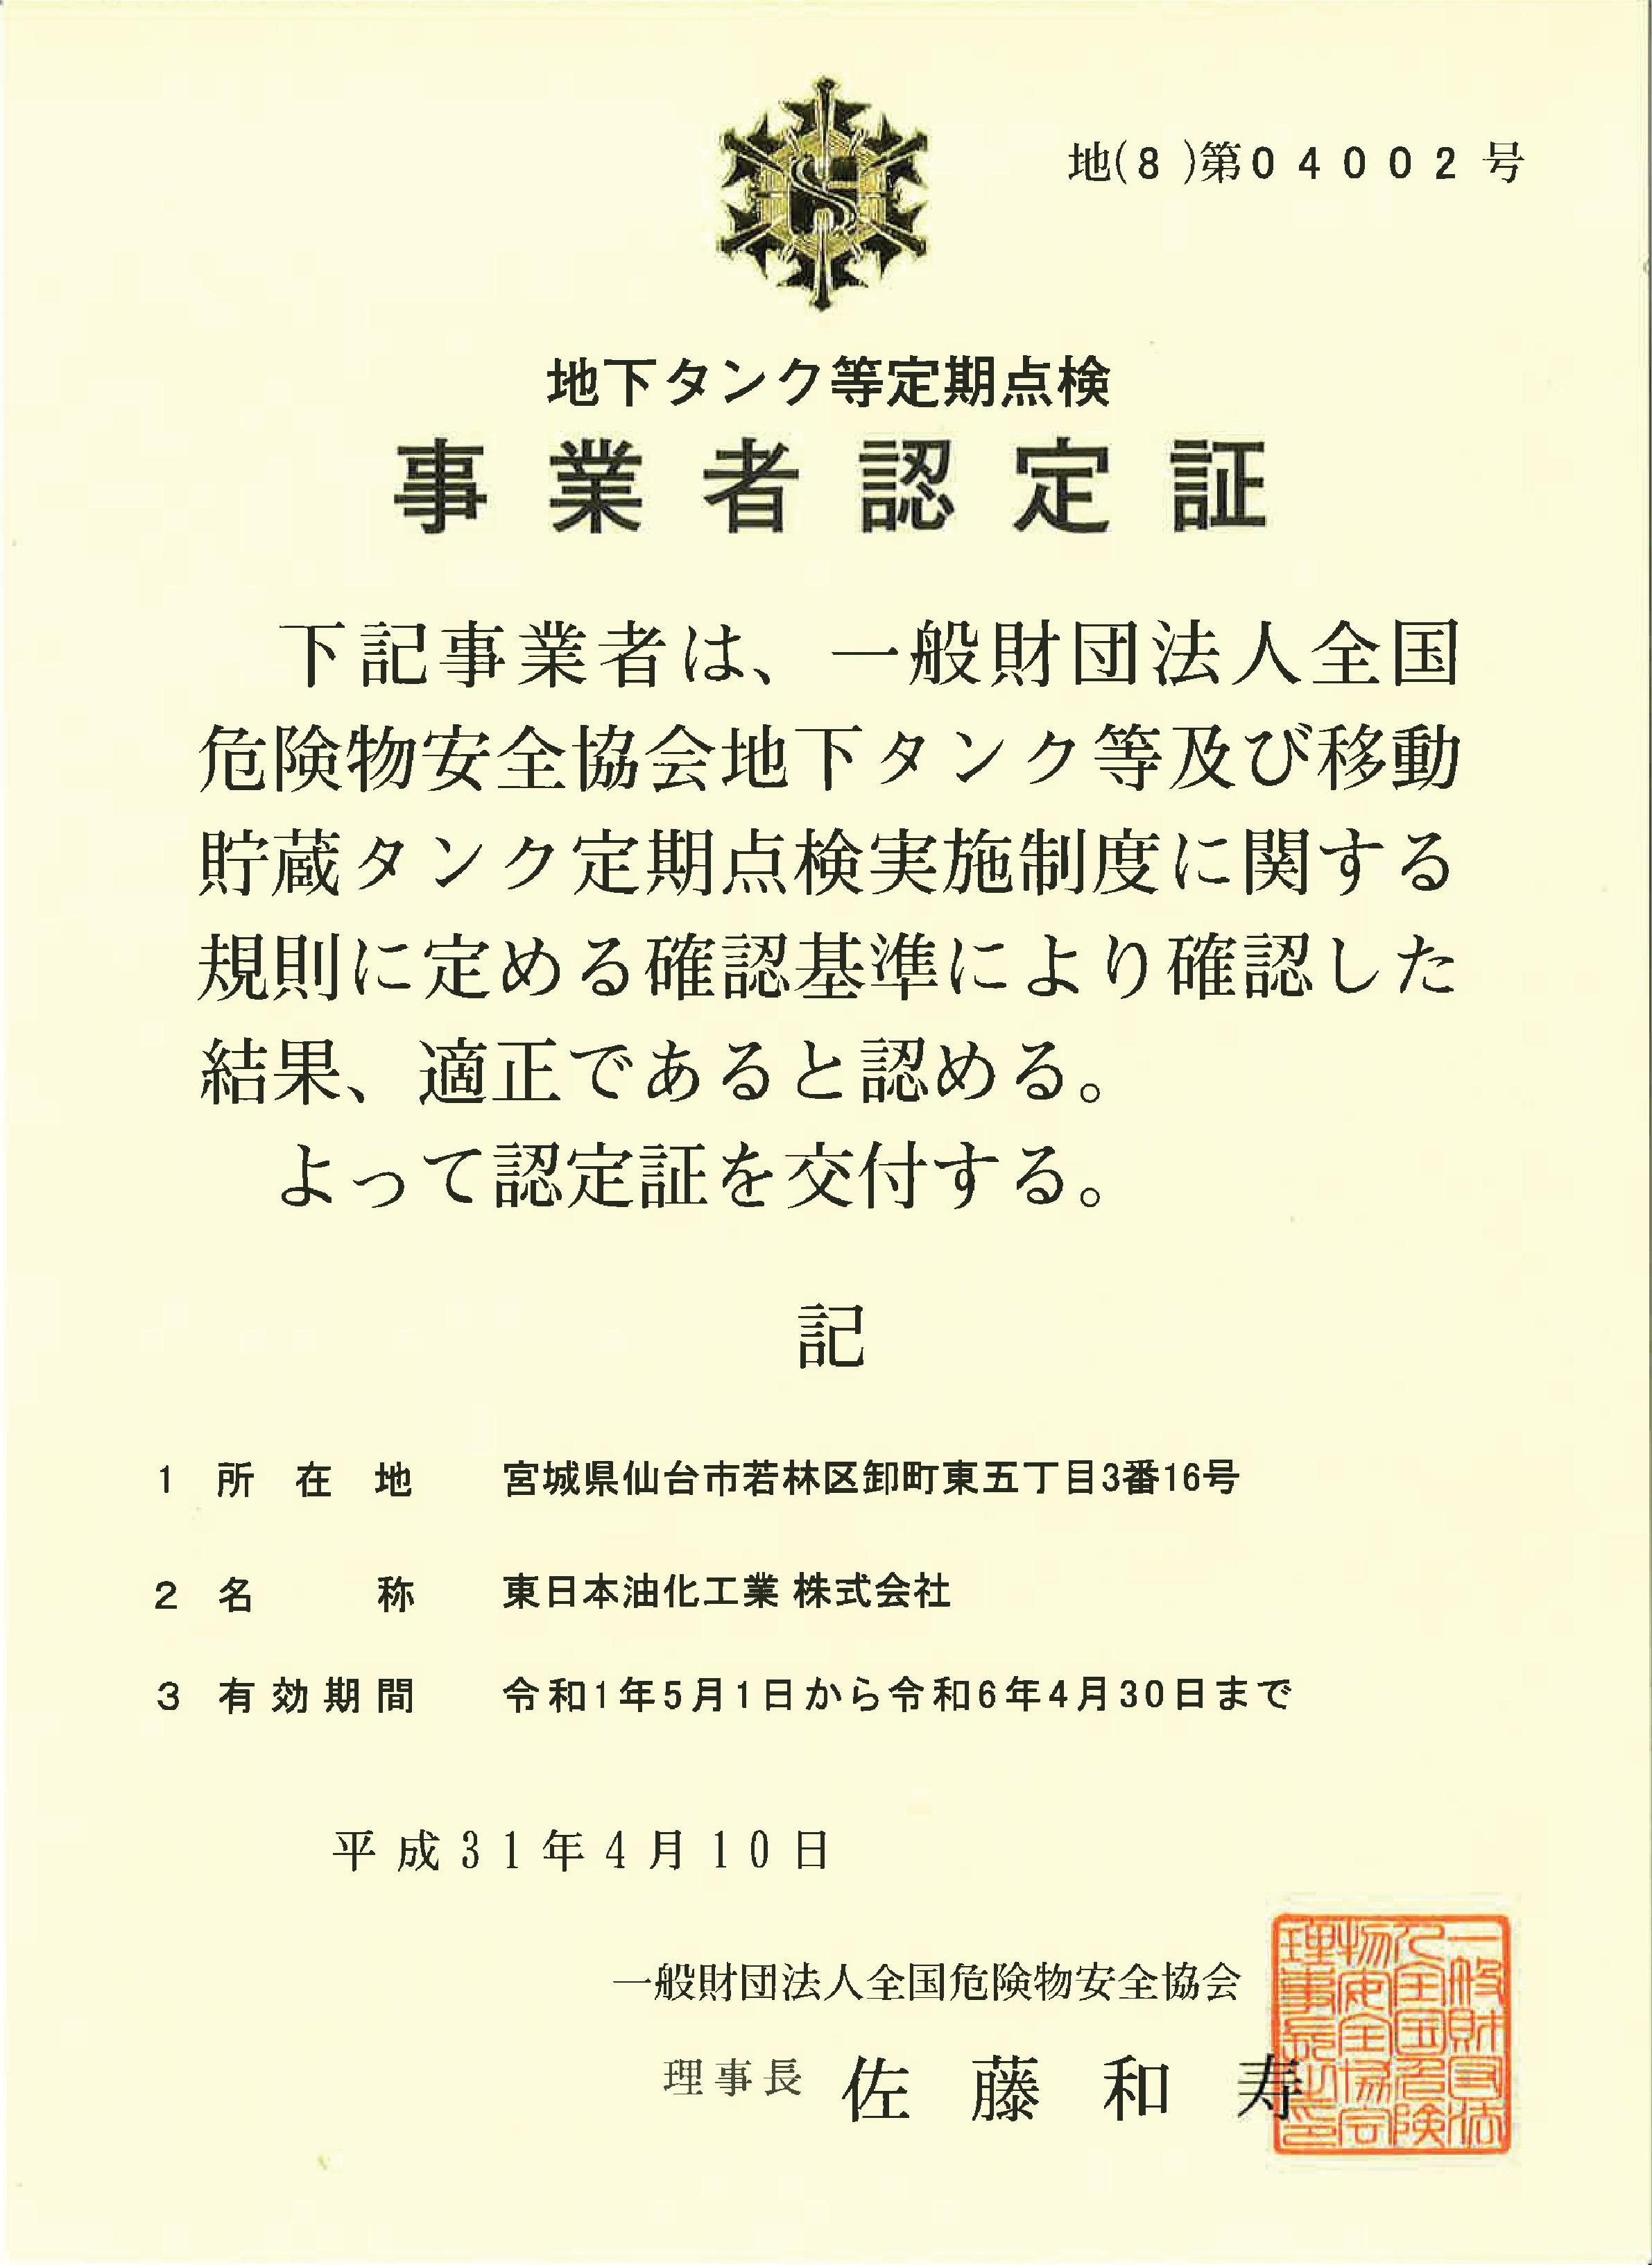 許可及び事業者認定証|会社情報|東日本油化工業株式会社